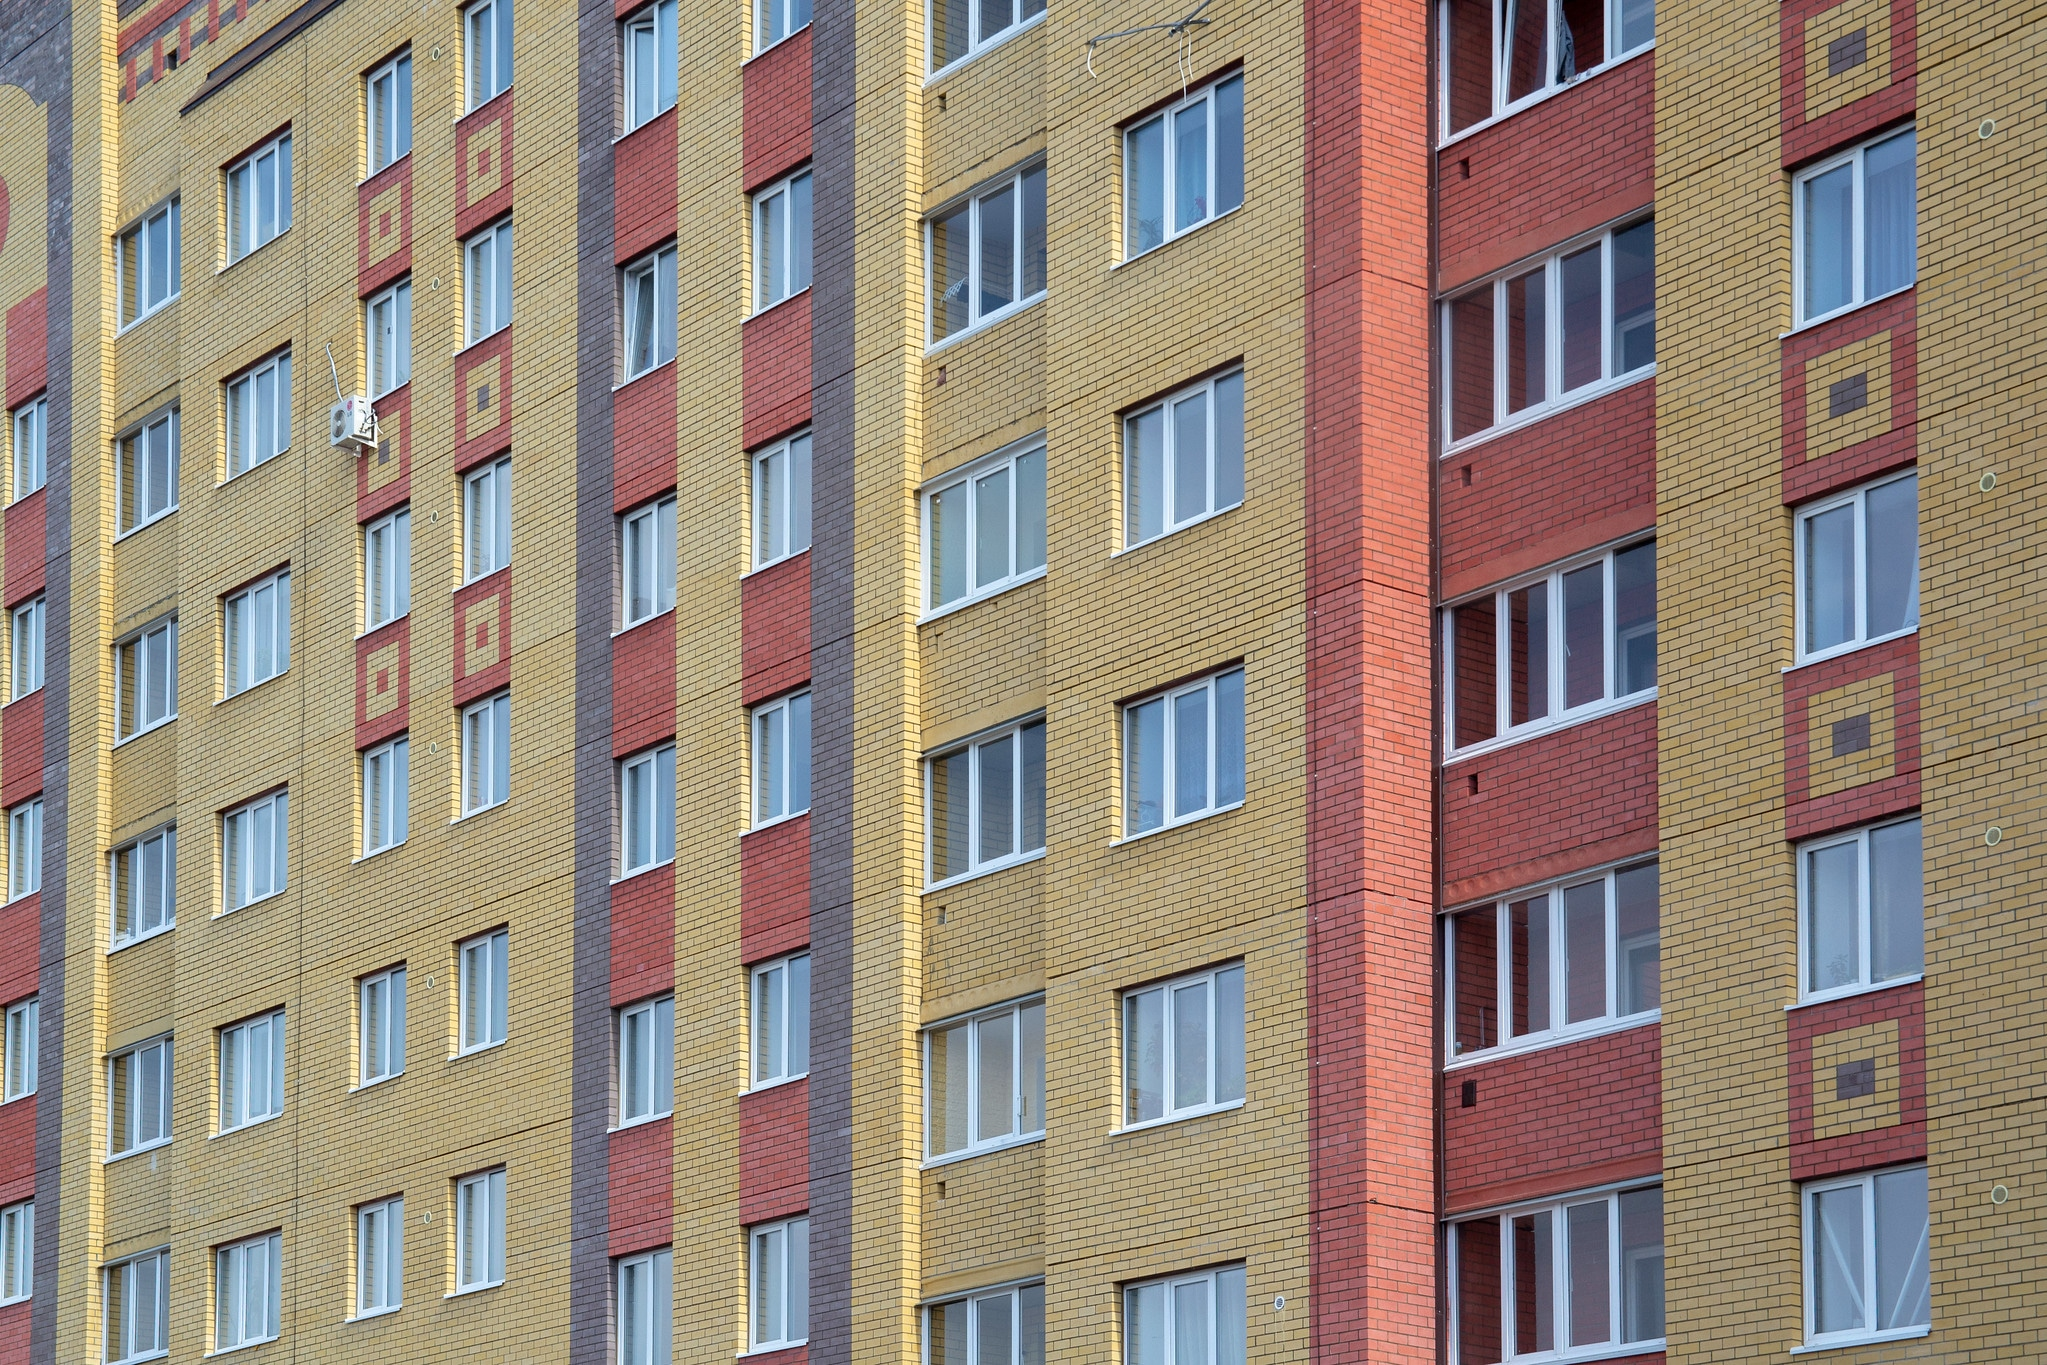 Этажность больше, а квартиры меньше: куда двигалось жилищное строительство в 2010-е